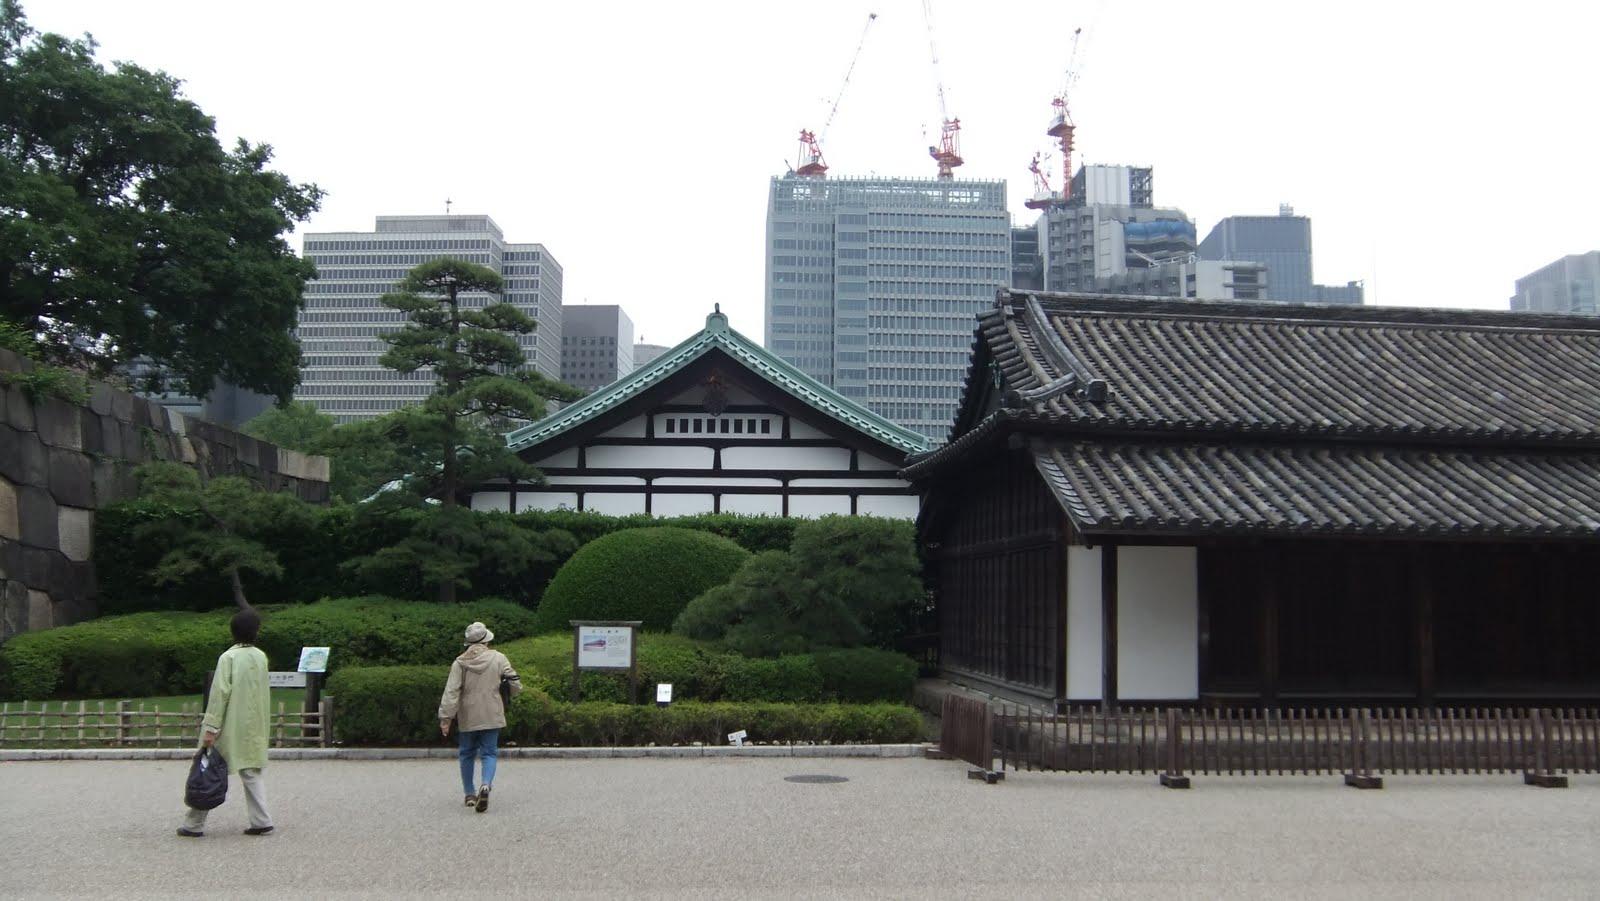 Anne laure au japon 14 me jour tokyo et le jardin imp rial for Le jardin imperial marines de cogolin